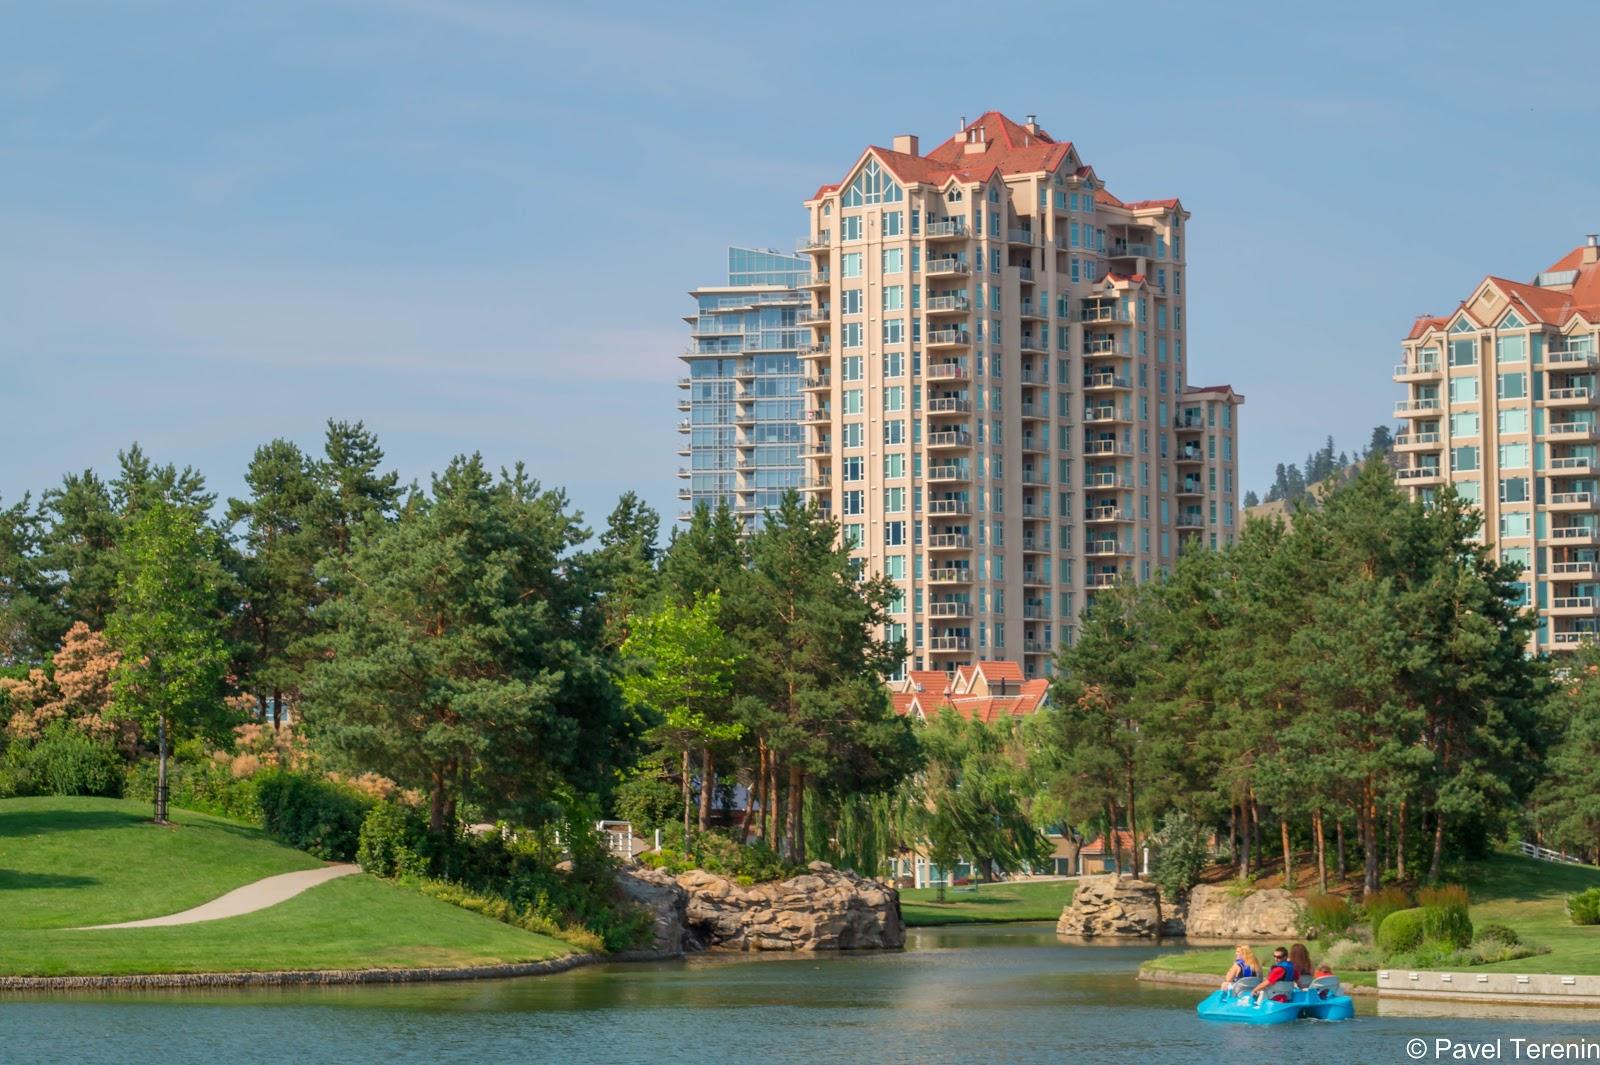 За одним из парков расположен жилой комплекс, к которому проведена сеть каналов ведущая к озеру.